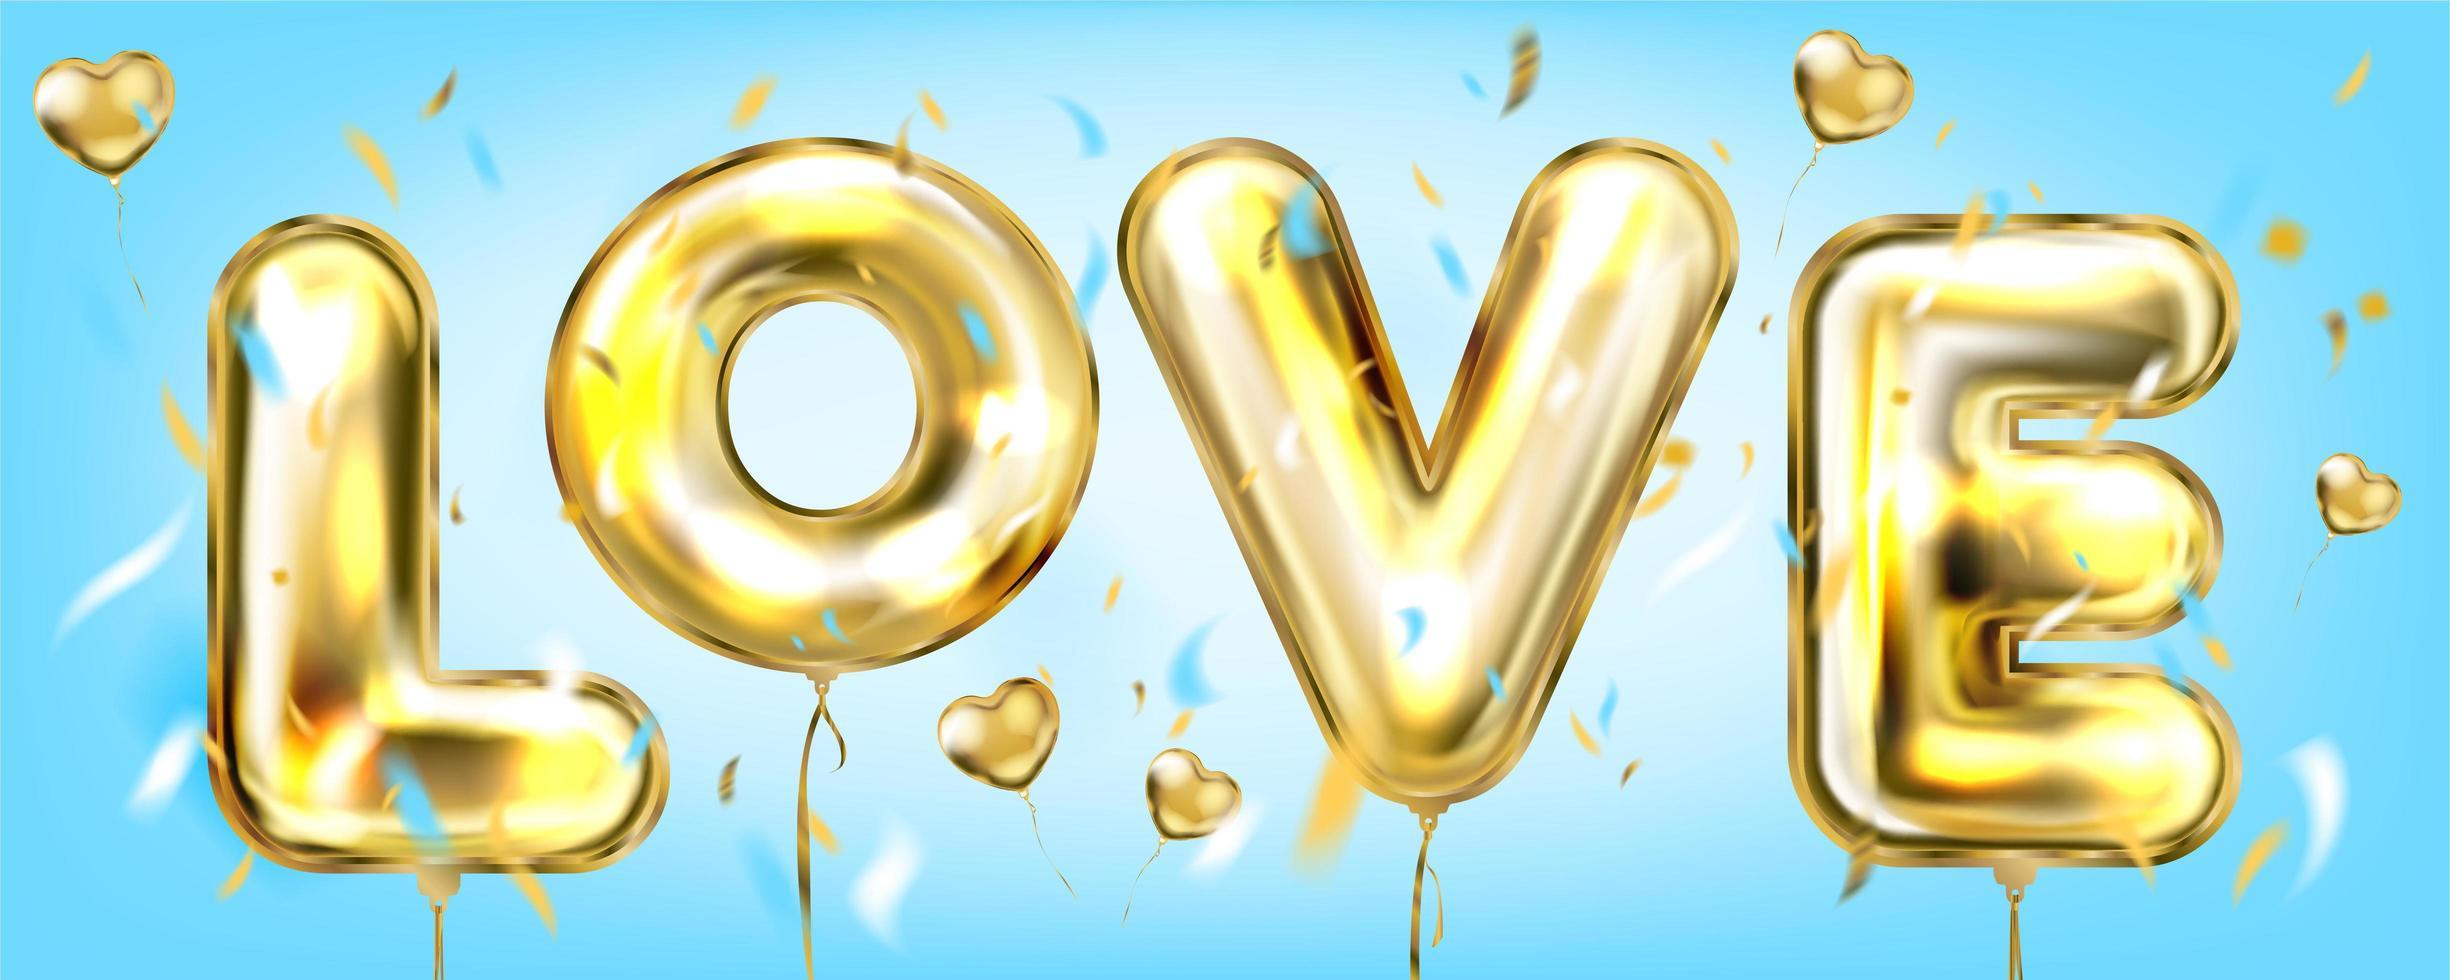 liefde in een hemelsblauwe banner vector